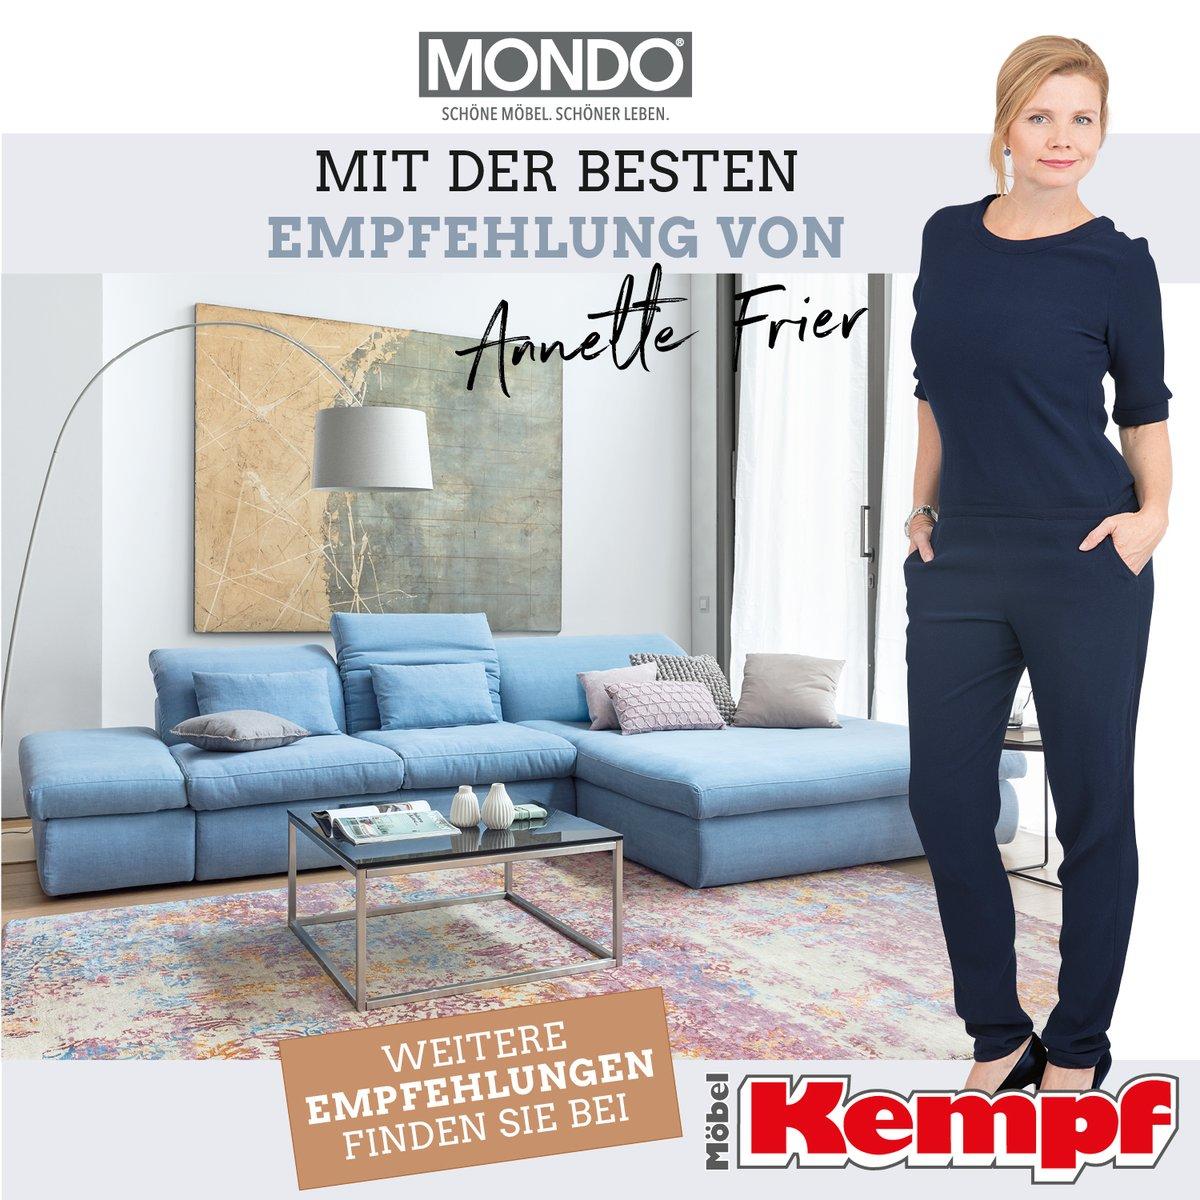 Möbel Kempf Ihr Fachhändler Für Mondo Möbel Leider